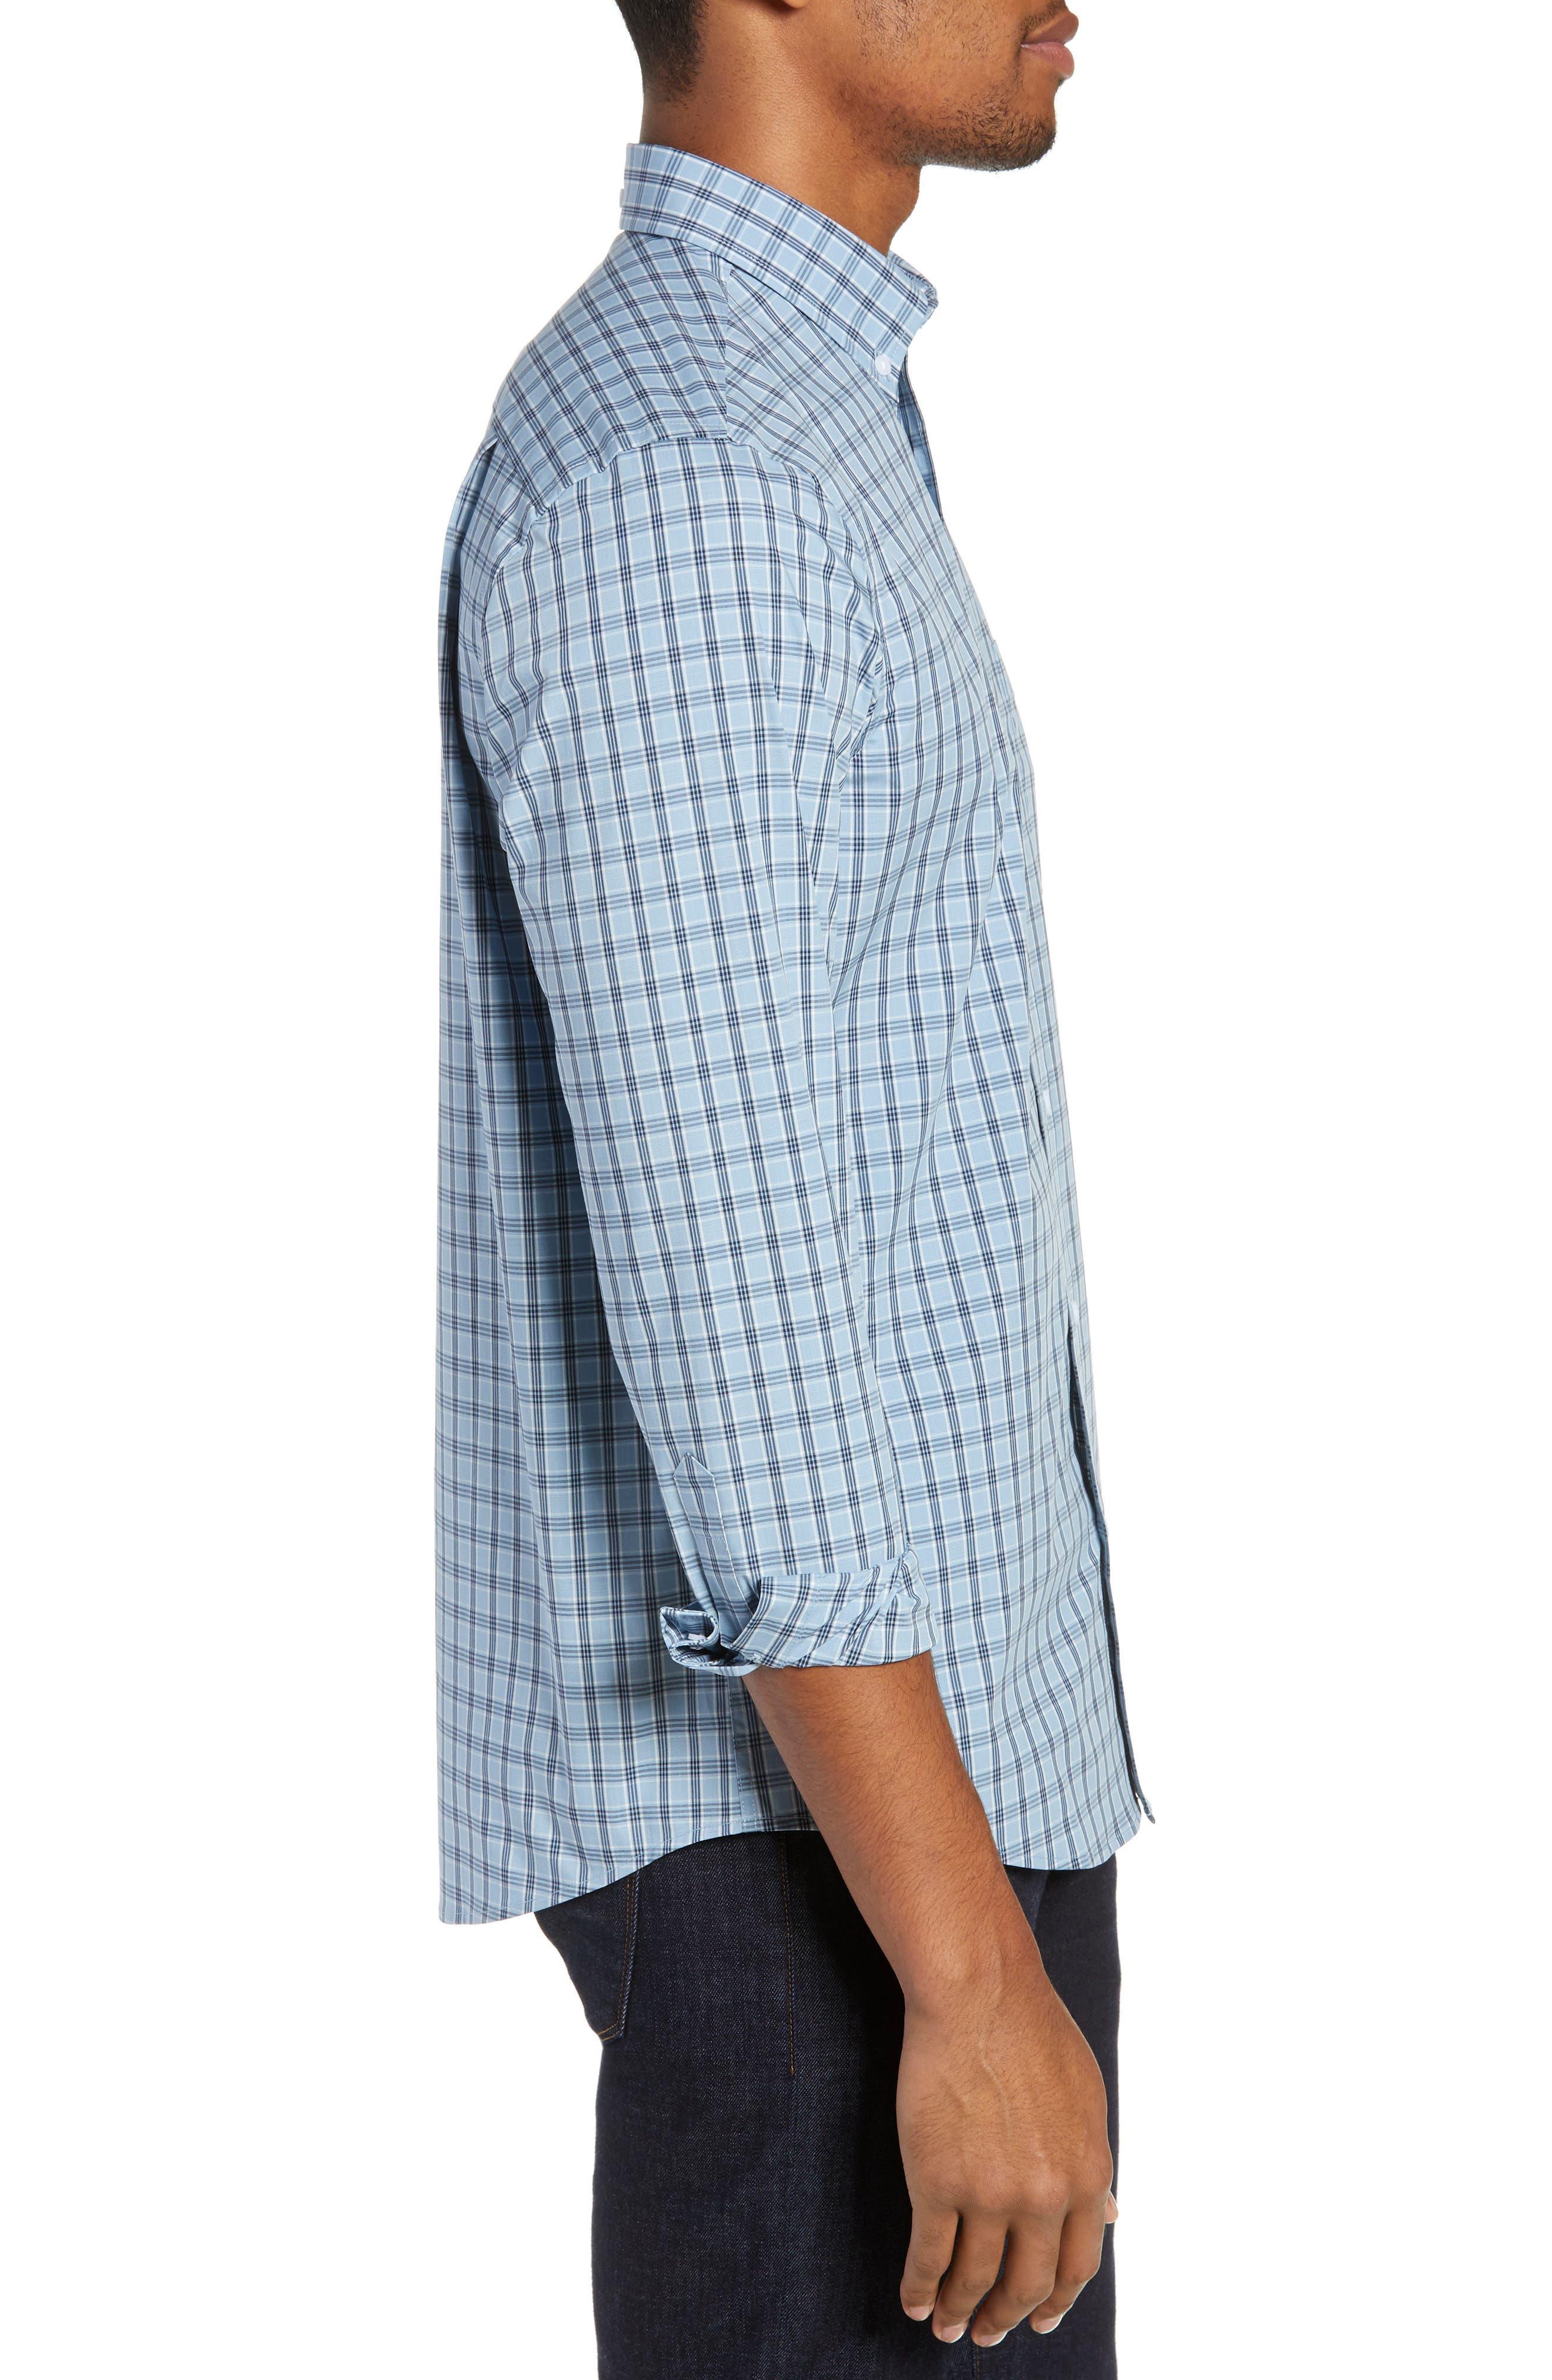 Tech-Smart Slim Fit Plaid Sport Shirt,                             Alternate thumbnail 4, color,                             BLUE HEAVEN HEATHER CHECK